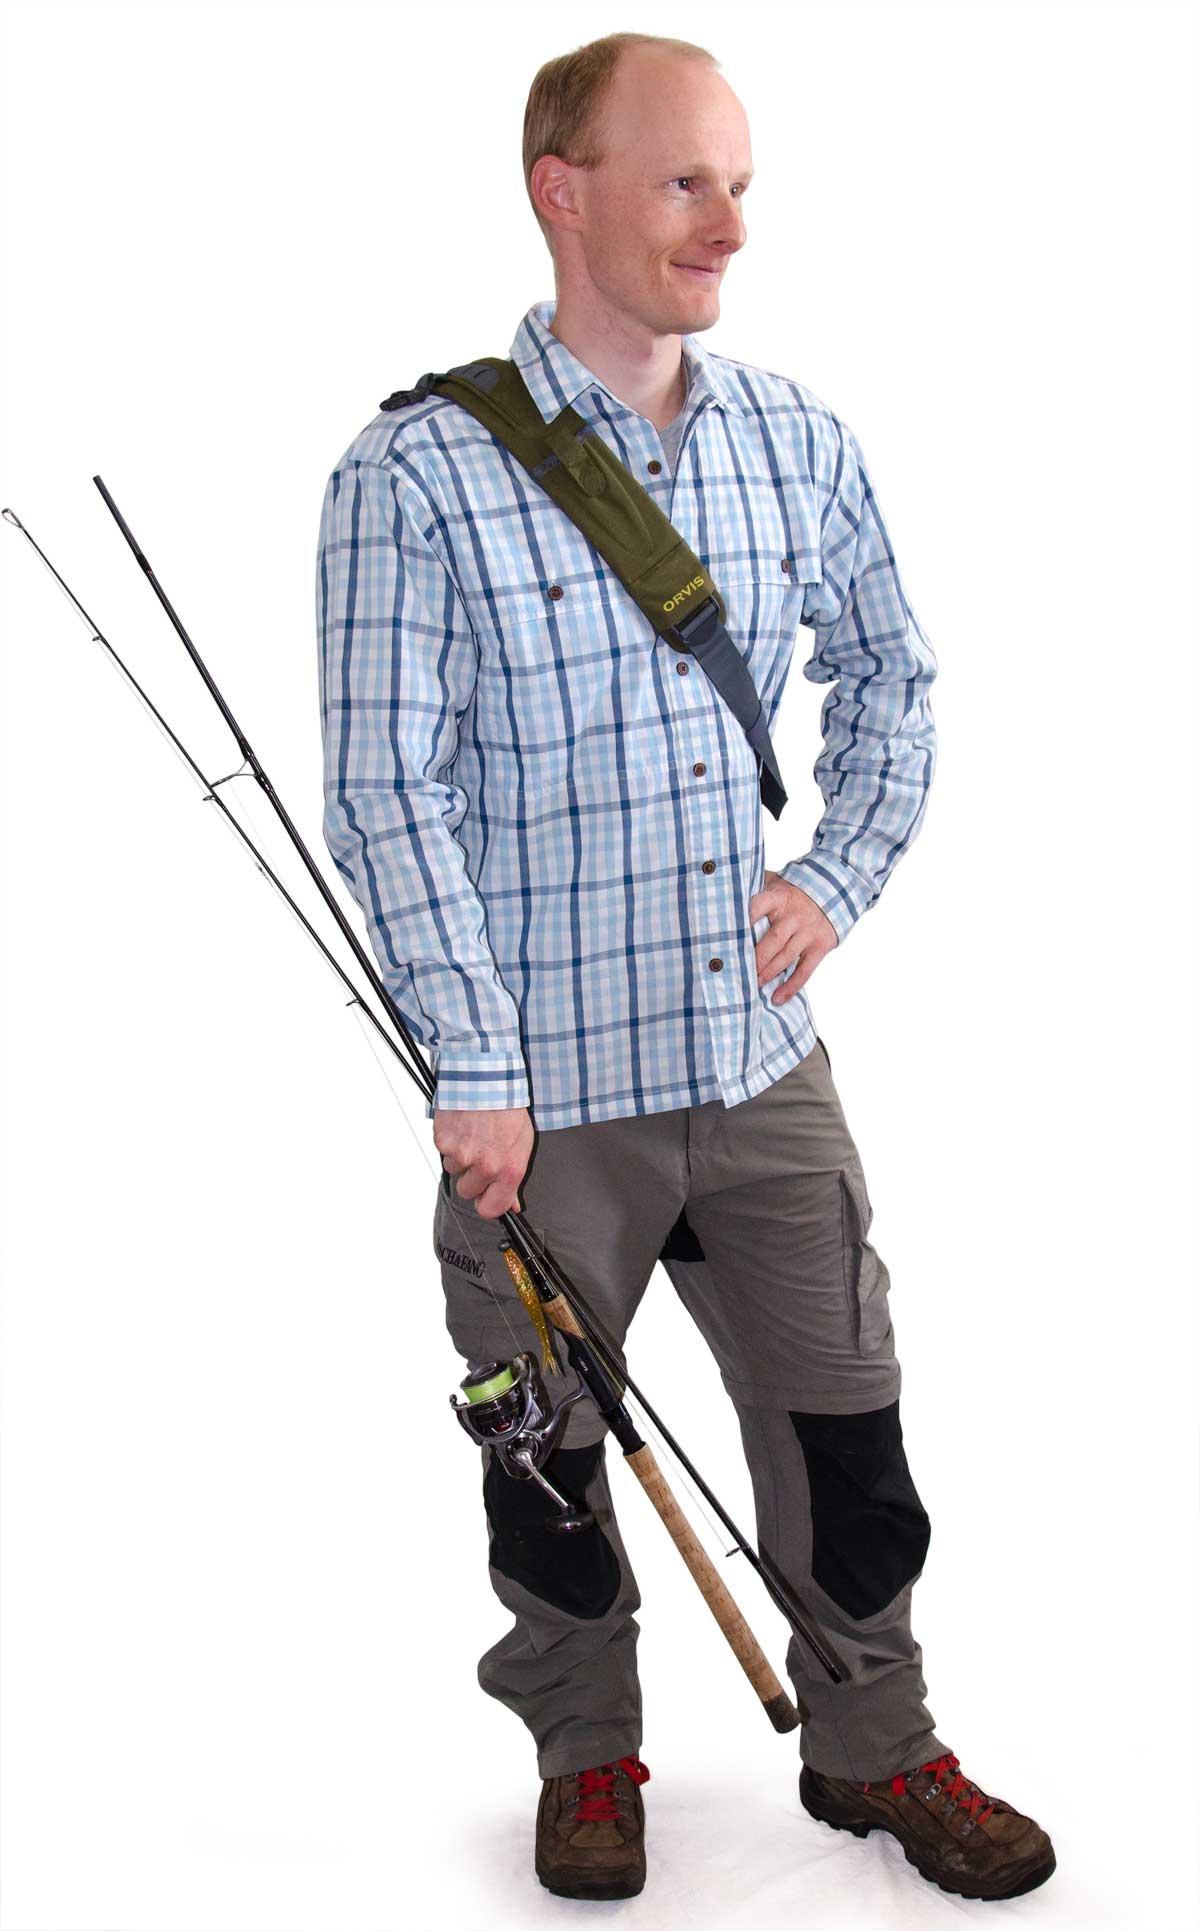 Eine Rute und eine Tasche mit Kleinteilen, viel mehr braucht Birger für den Saisonstart auf Zander nicht.